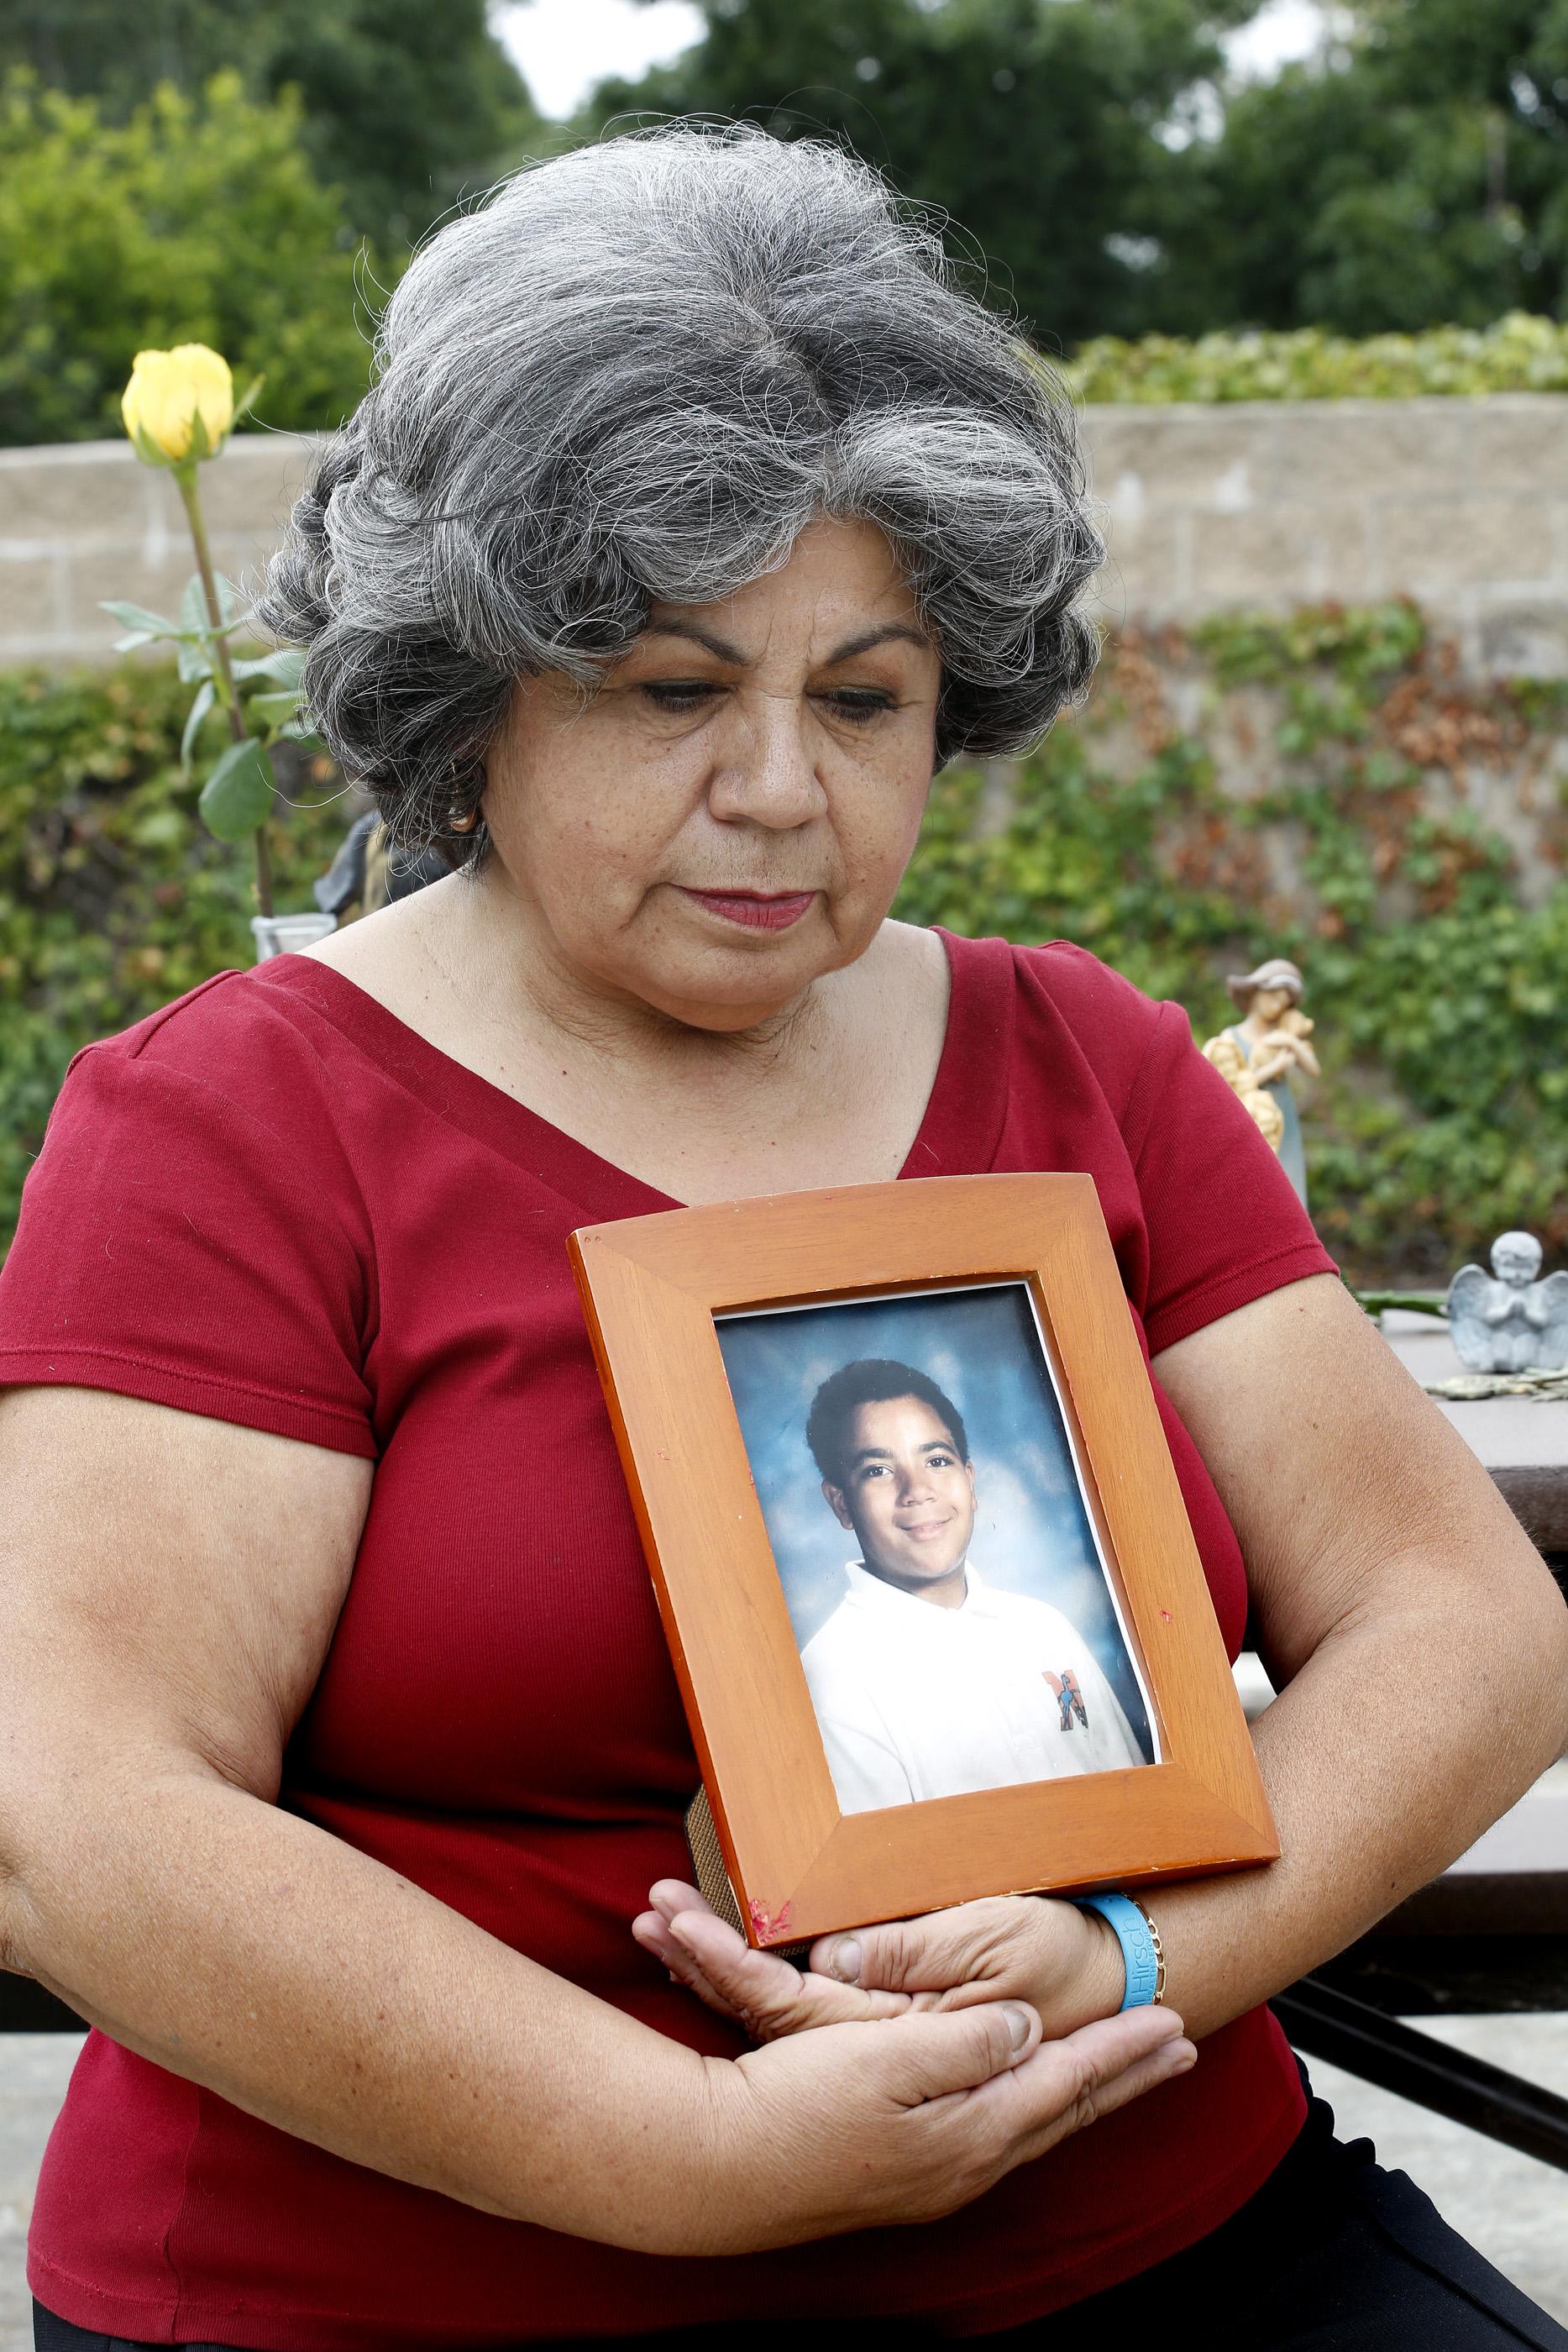 Han pasado 20 años desde que su hijo Nathan, de entonces 13 años, se suicidó. Hoy, Ester Ybarra habla de las cosas que no se percató sobre la terrible decision que tomó su hijo. (Aurelia Ventura/ La Opinion)